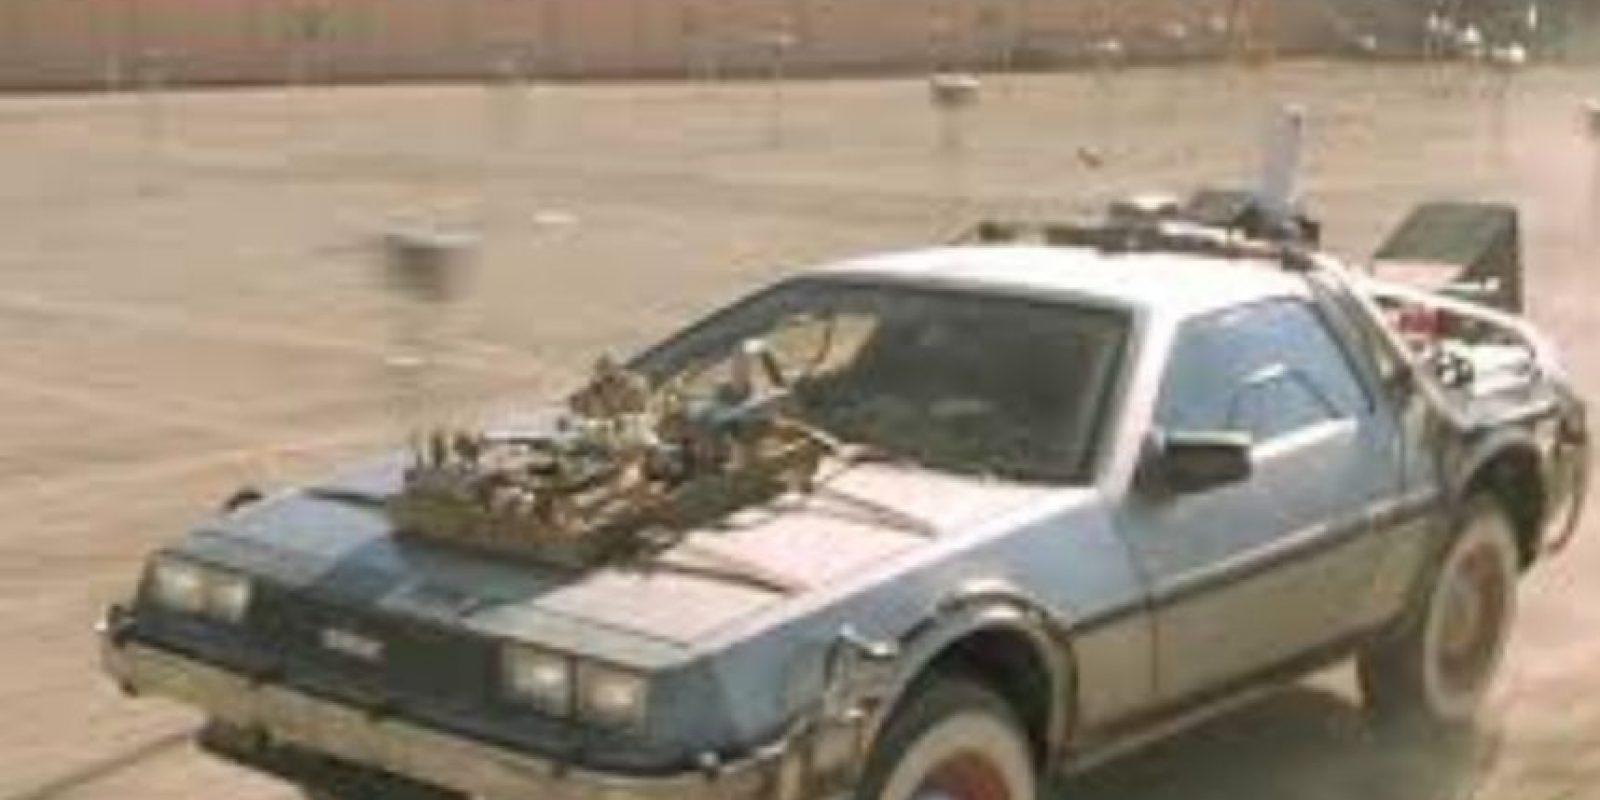 Tuvieron que crear un velocímetro a medida para el Delorean de la película, porque los que traían los autos de la época solo llegaban hasta las 85 millas por hora Foto:Universal Studios